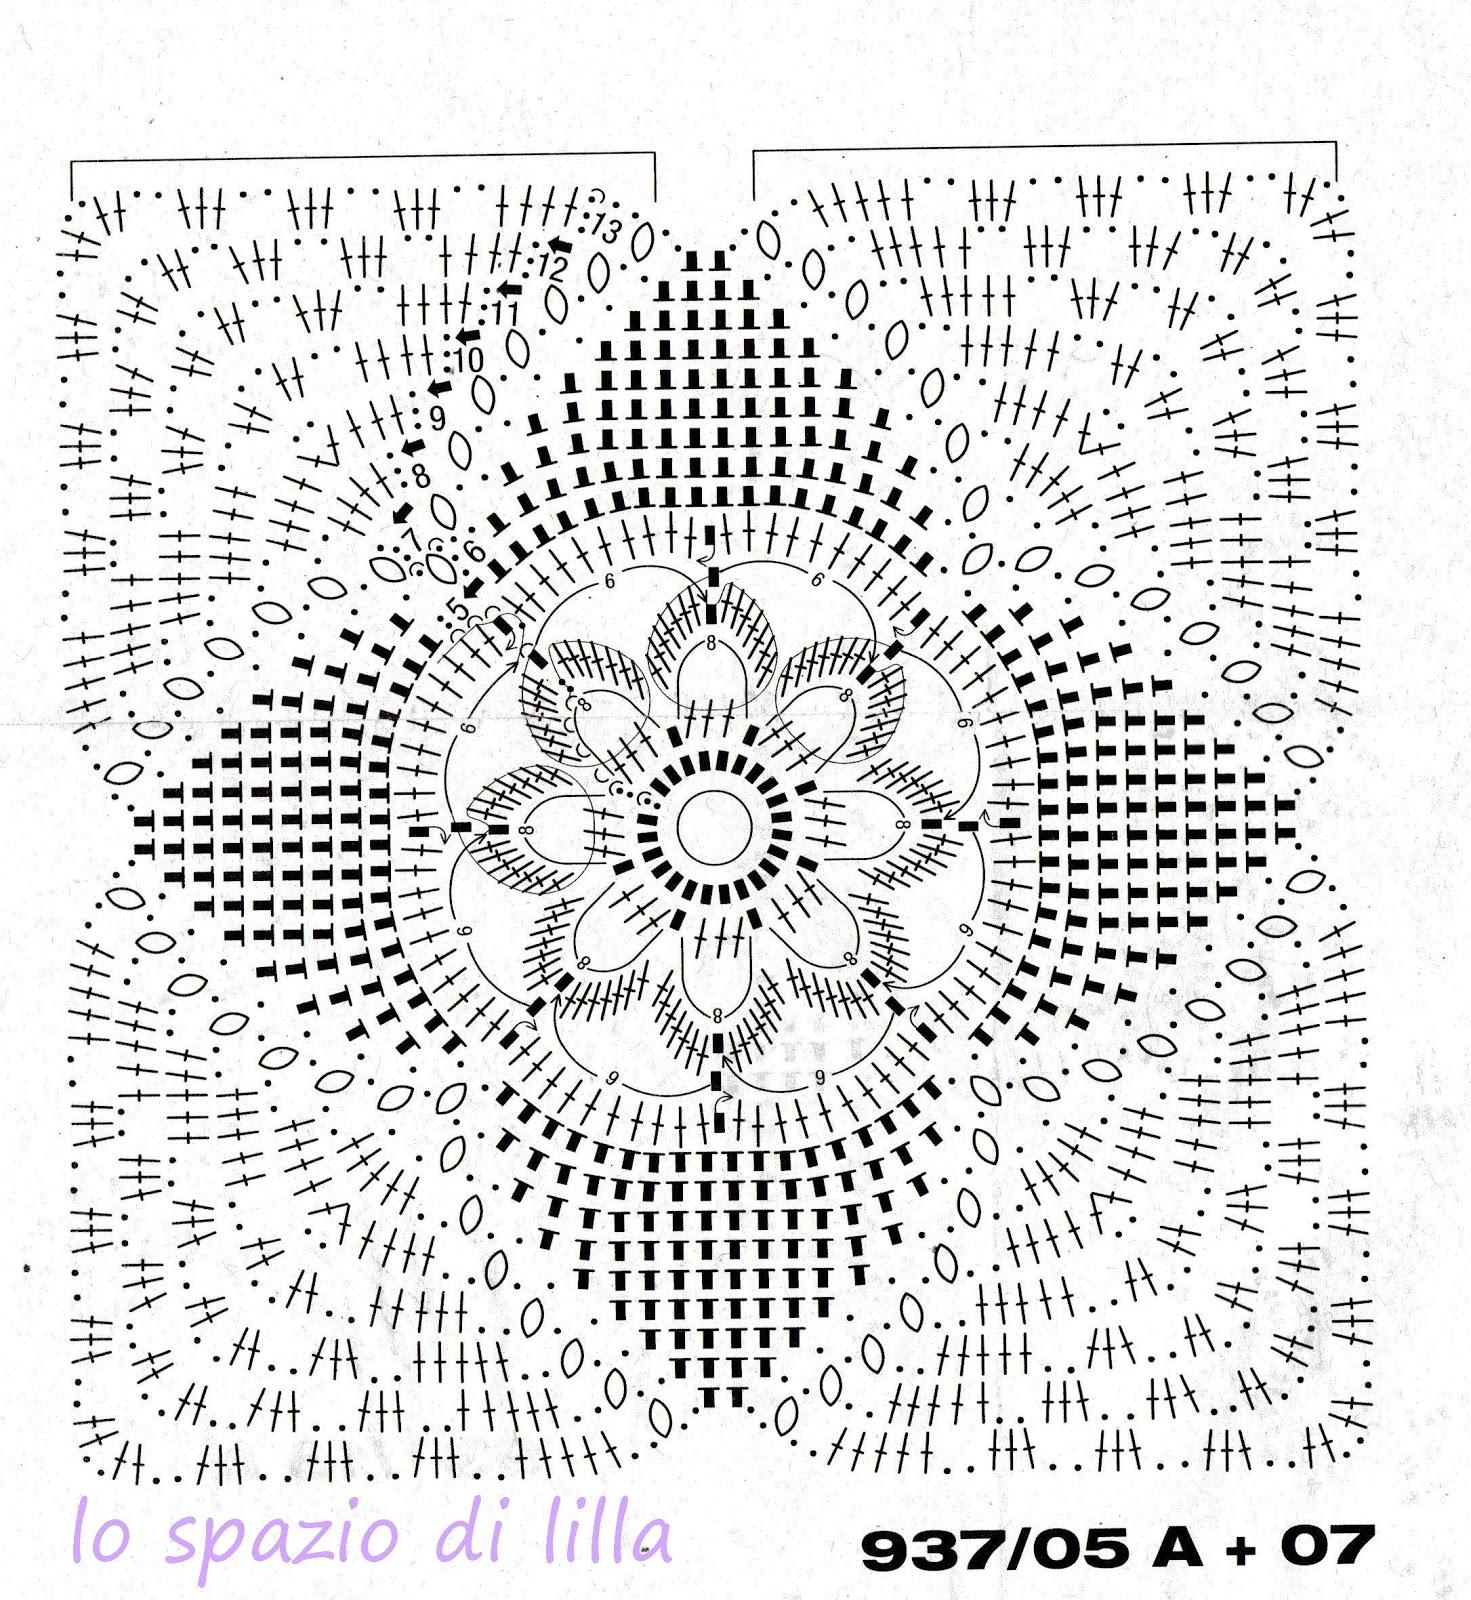 Lo spazio di lilla a gentile richiesta il copridivano a piastrelle crochet per giustina - Piastrelle all uncinetto schemi ...